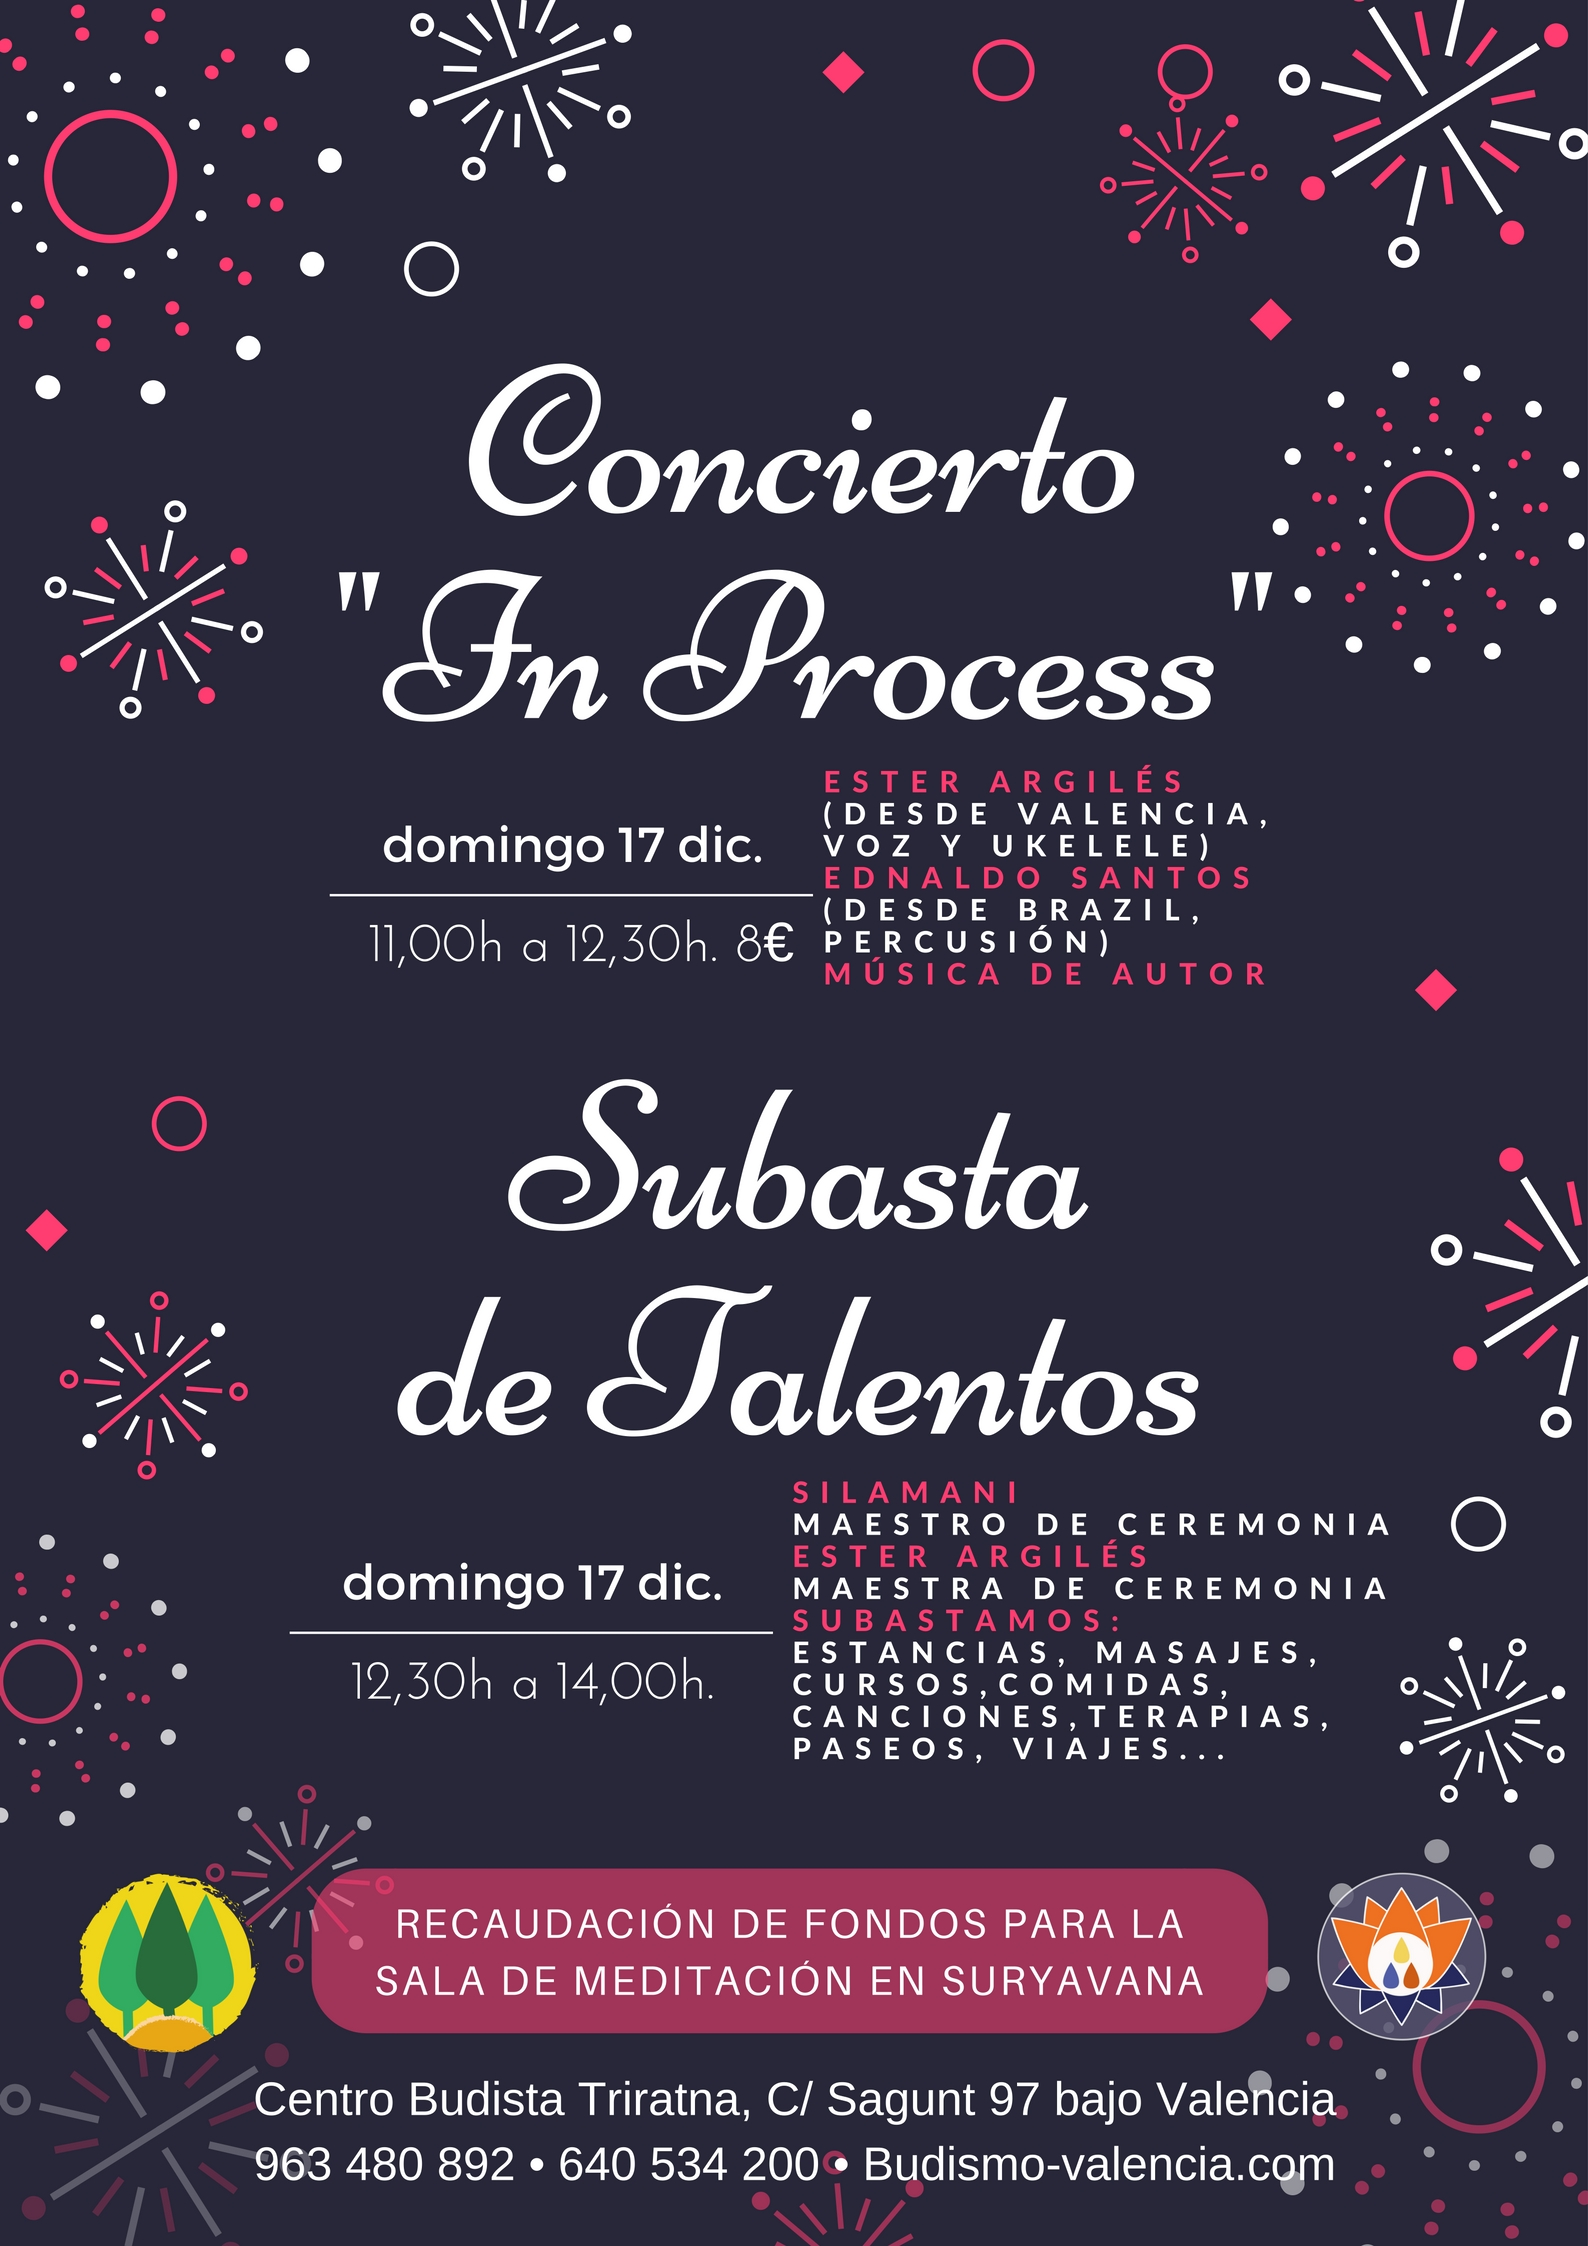 concierto y subasta